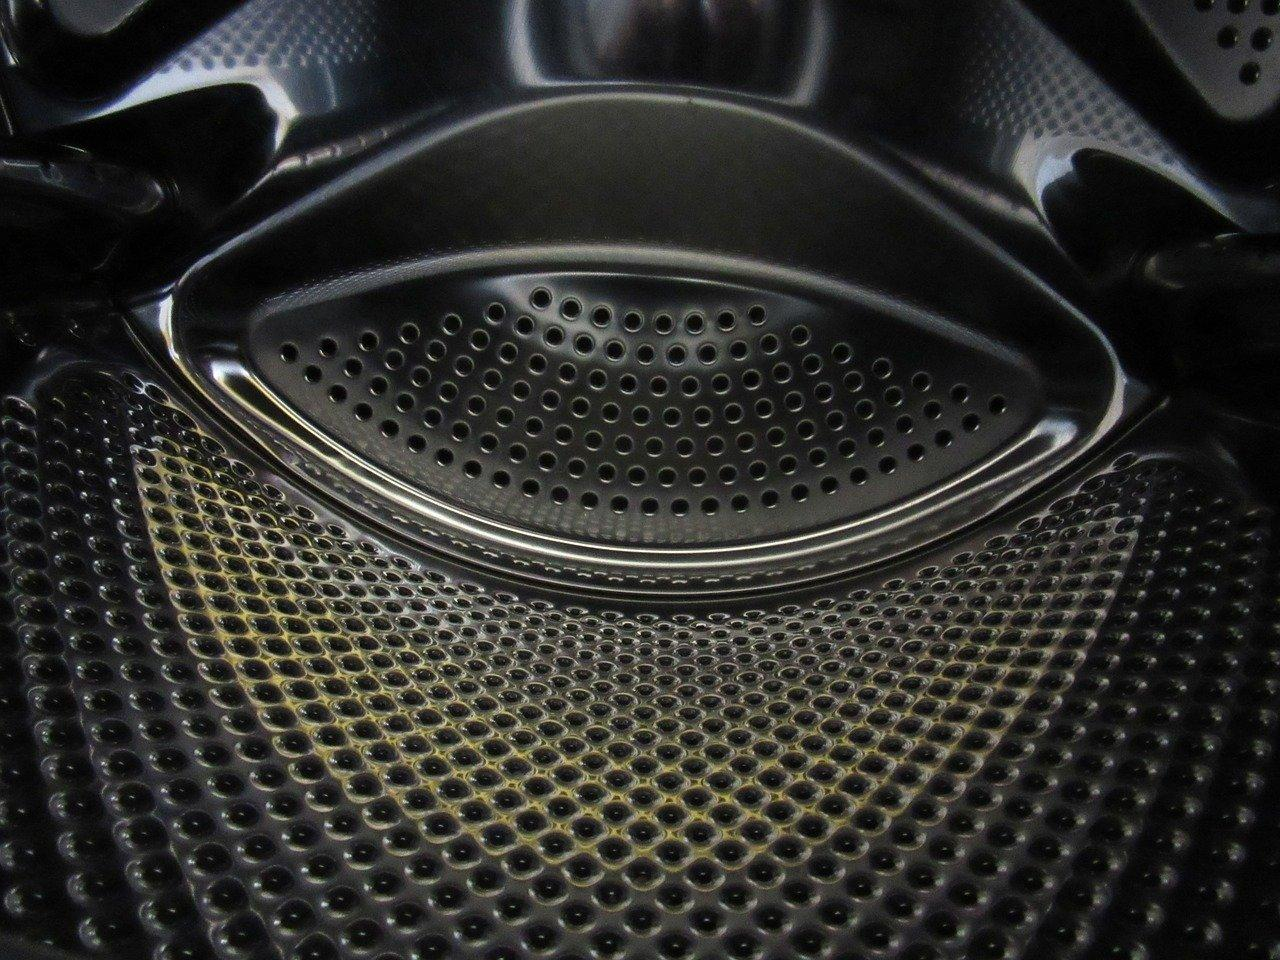 В дырки барабана могут падать мелкие предметы, которые потом гремят